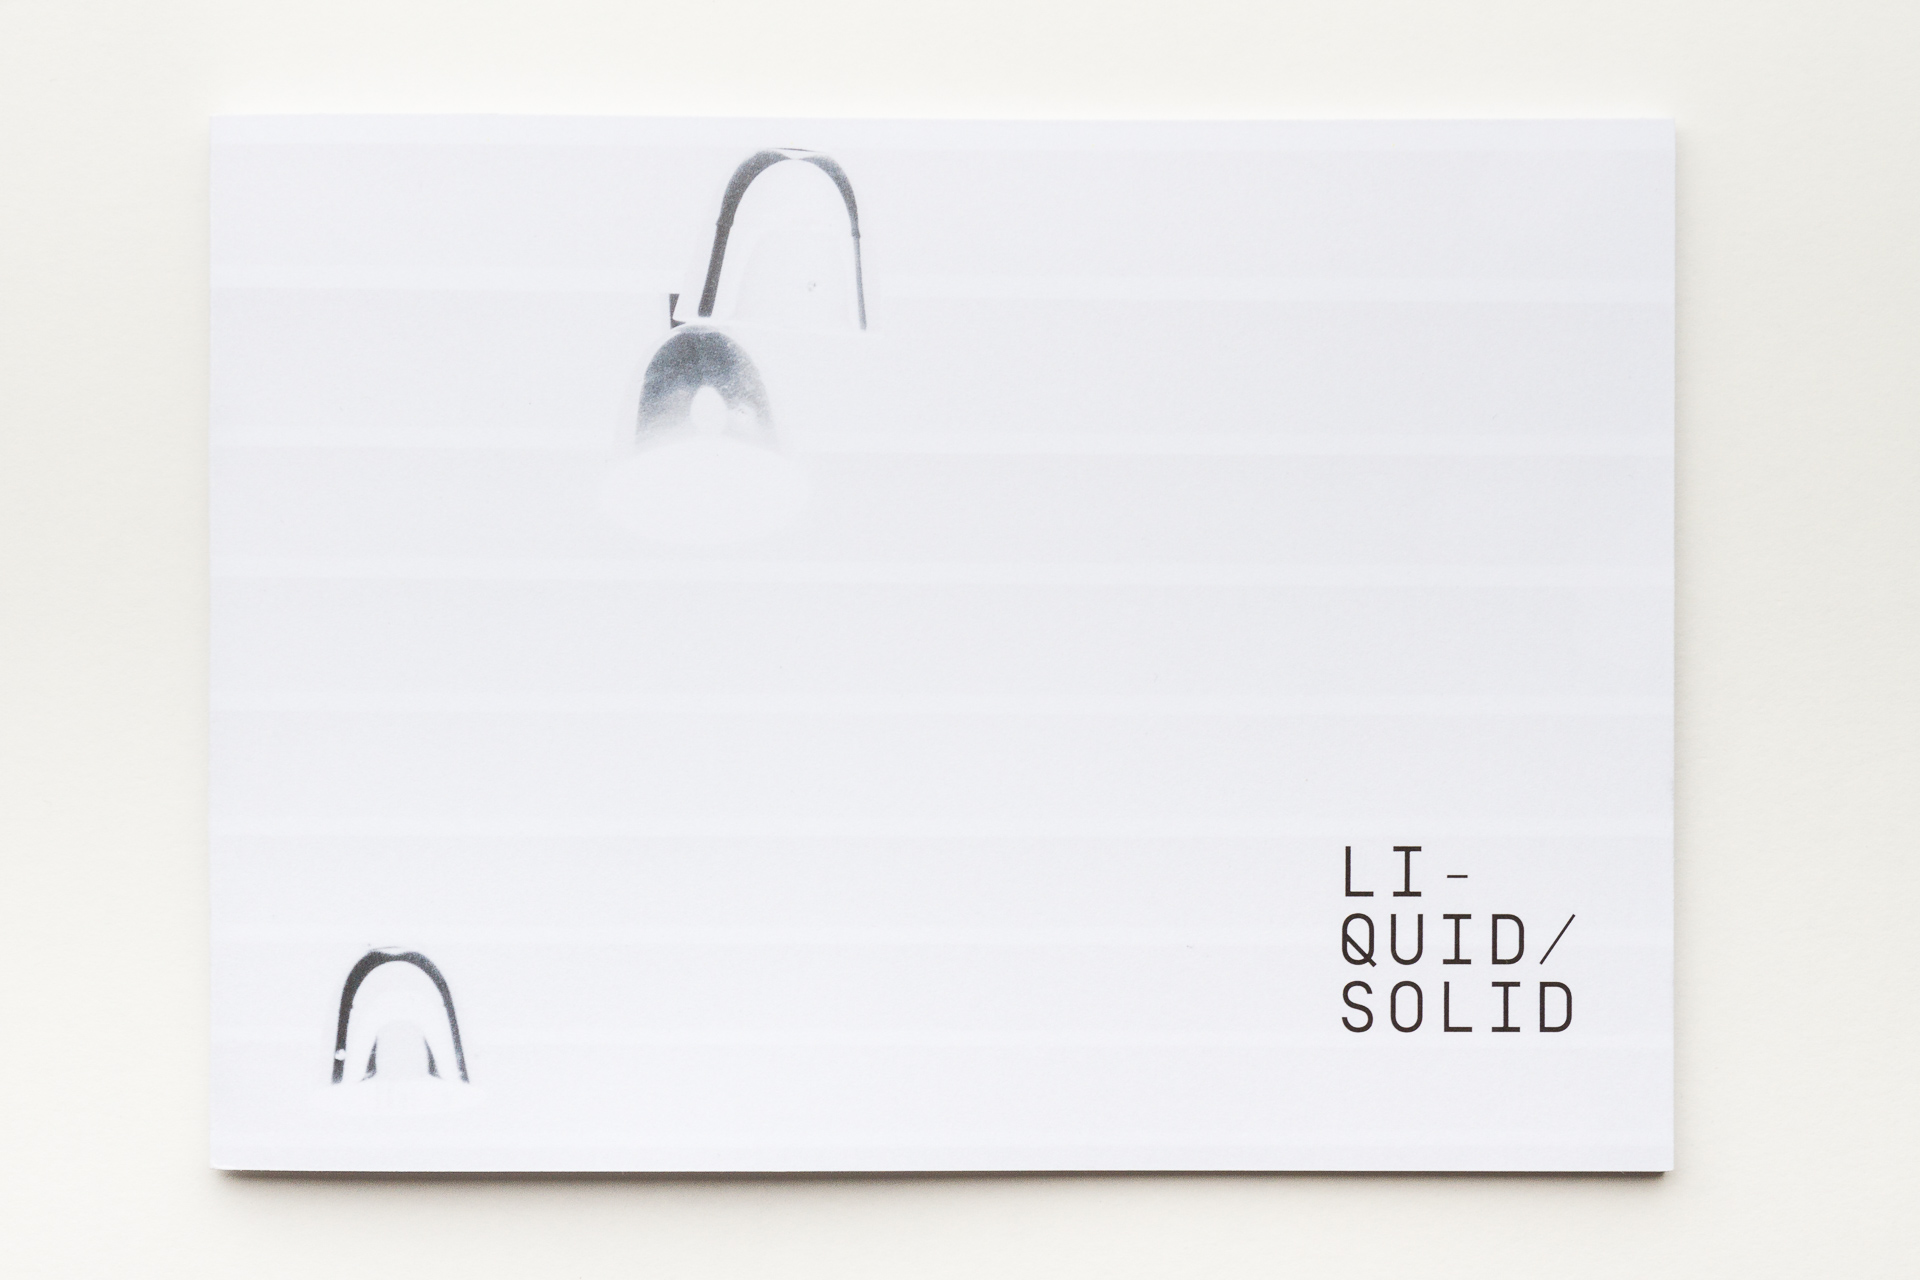 LIQUID/SOLID Cover